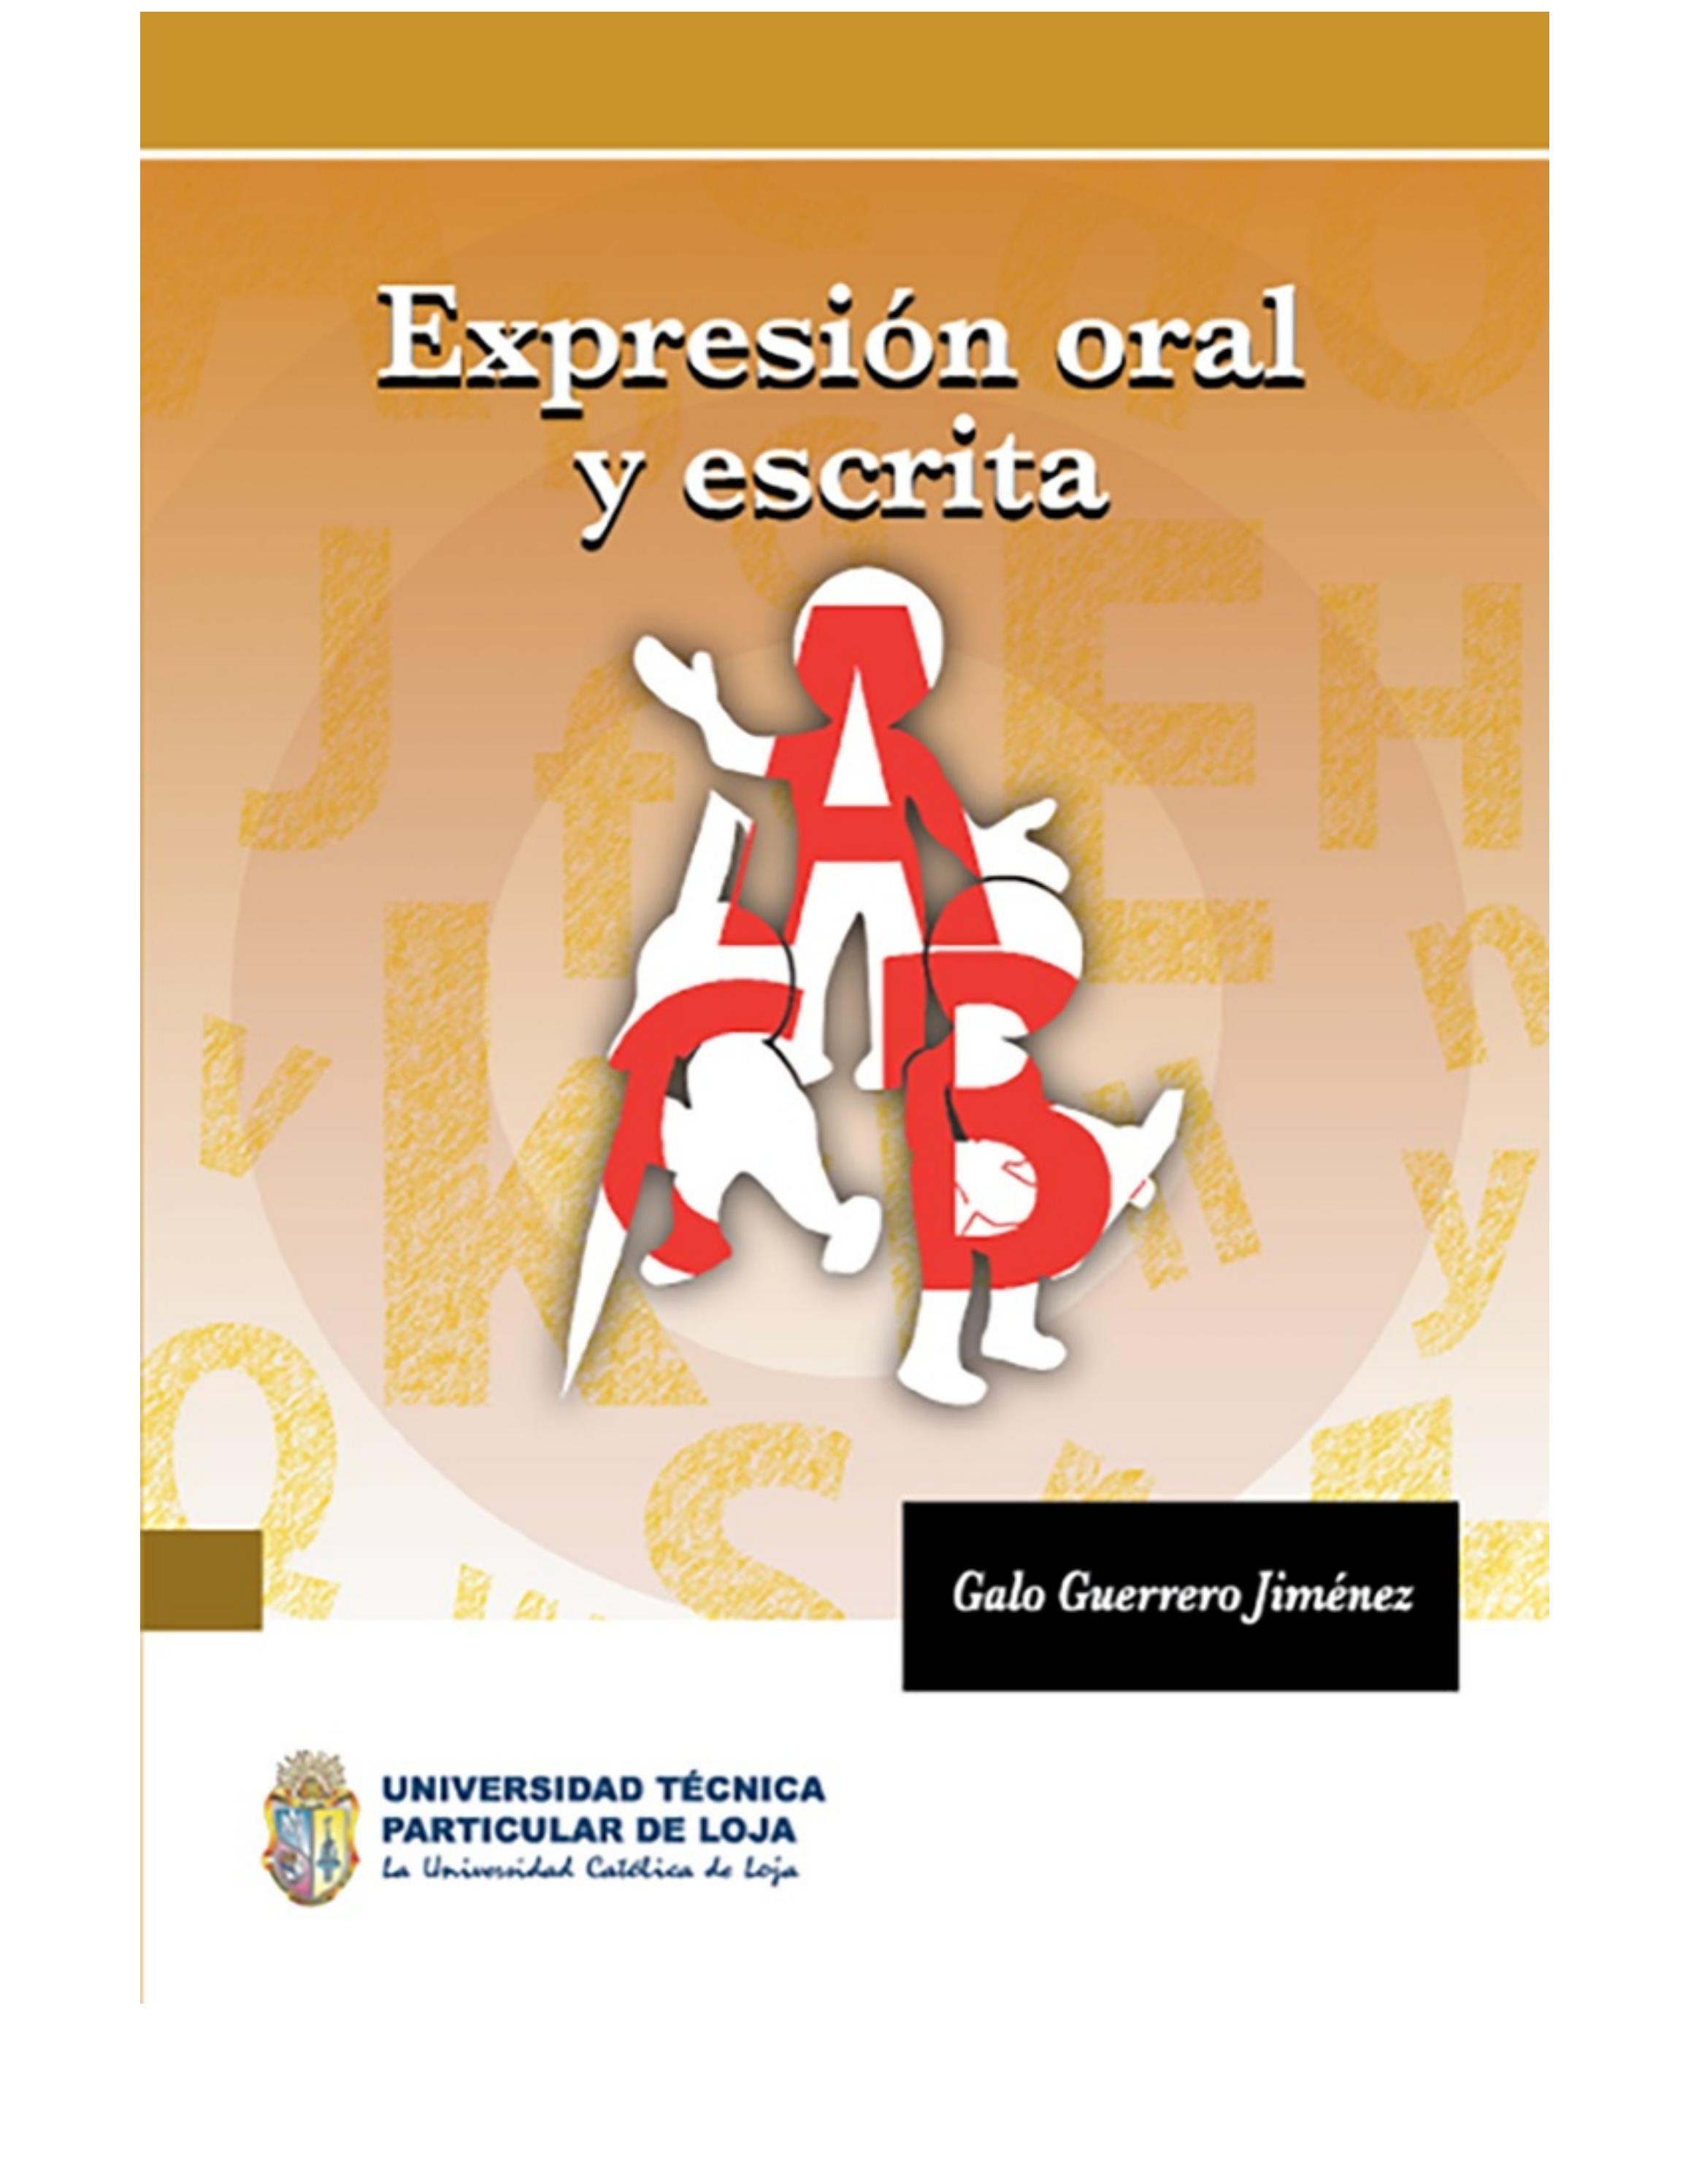 Expresión Oral UTPL by esteban.camacho - issuu